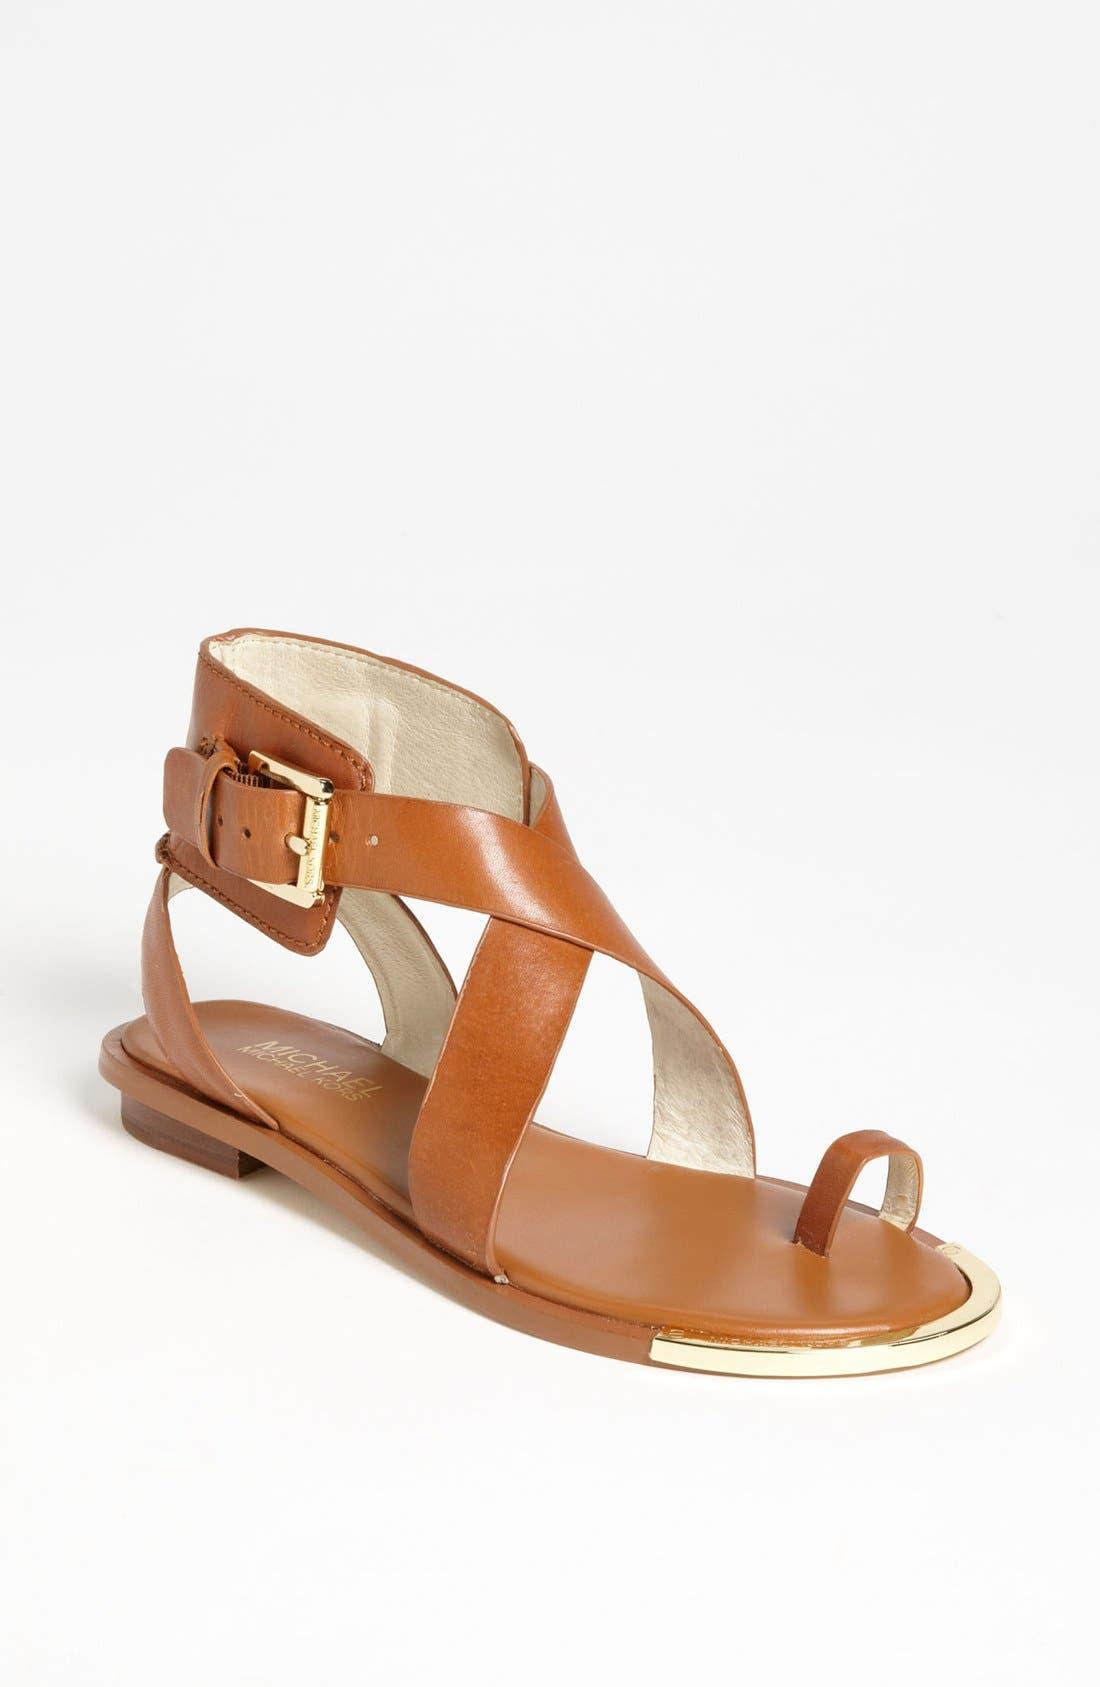 Alternate Image 1 Selected - MICHAEL Michael Kors 'Calder' Toe Loop Sandal